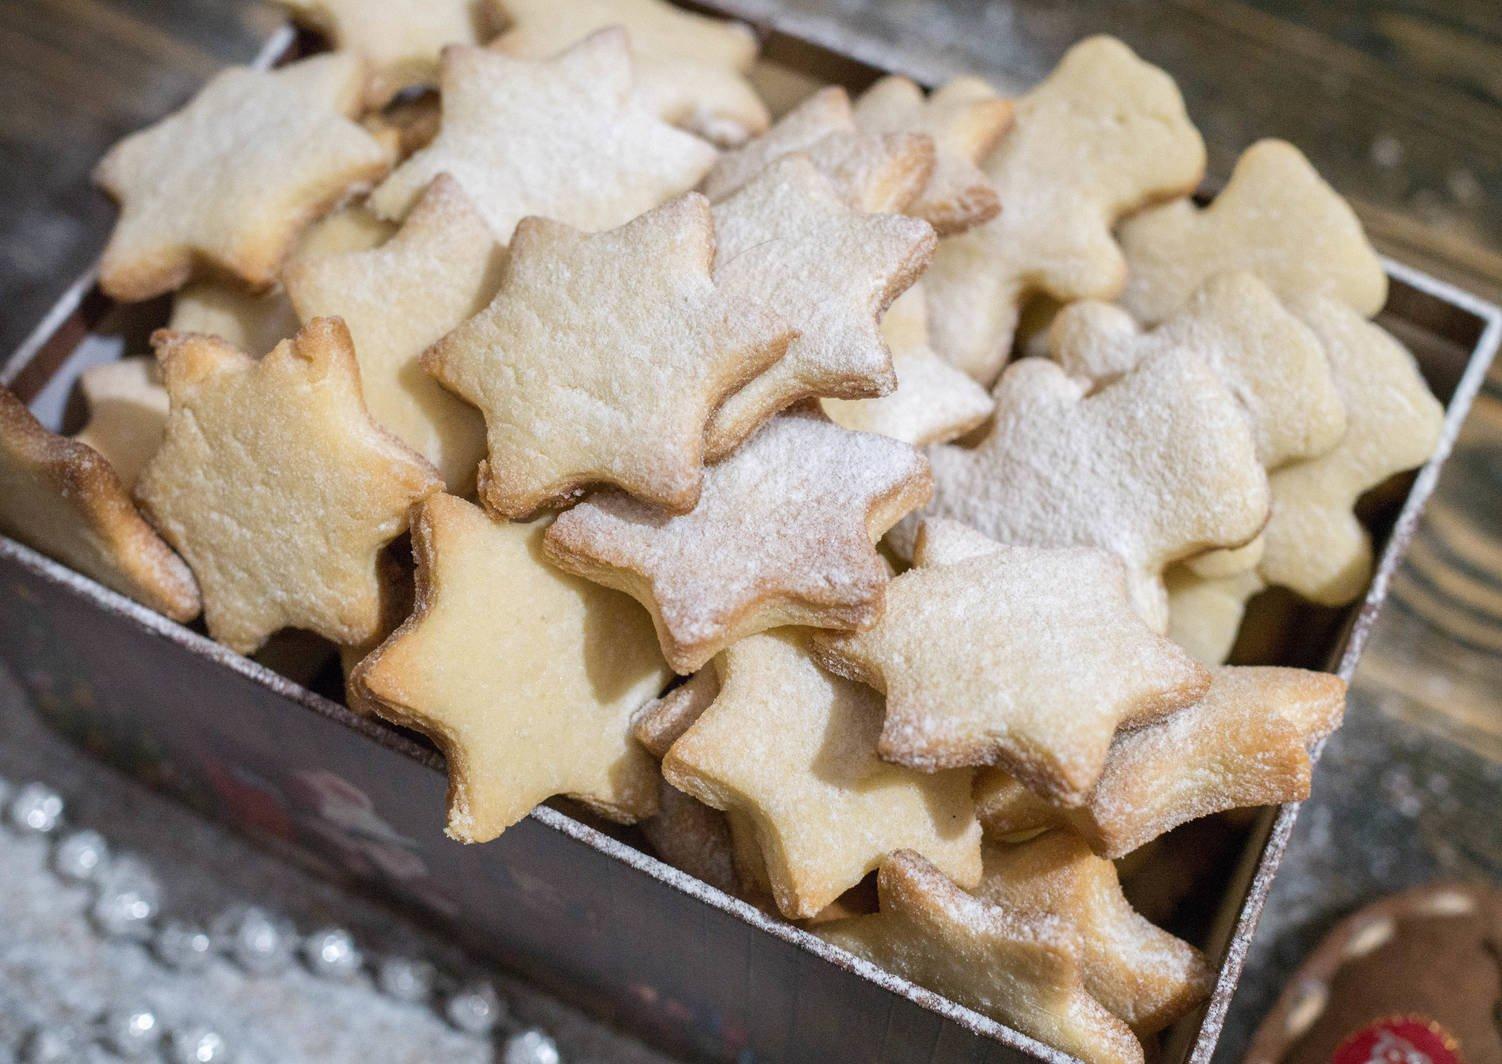 фонд россии песочное печенье это какое из покупных фото многообразия возможных